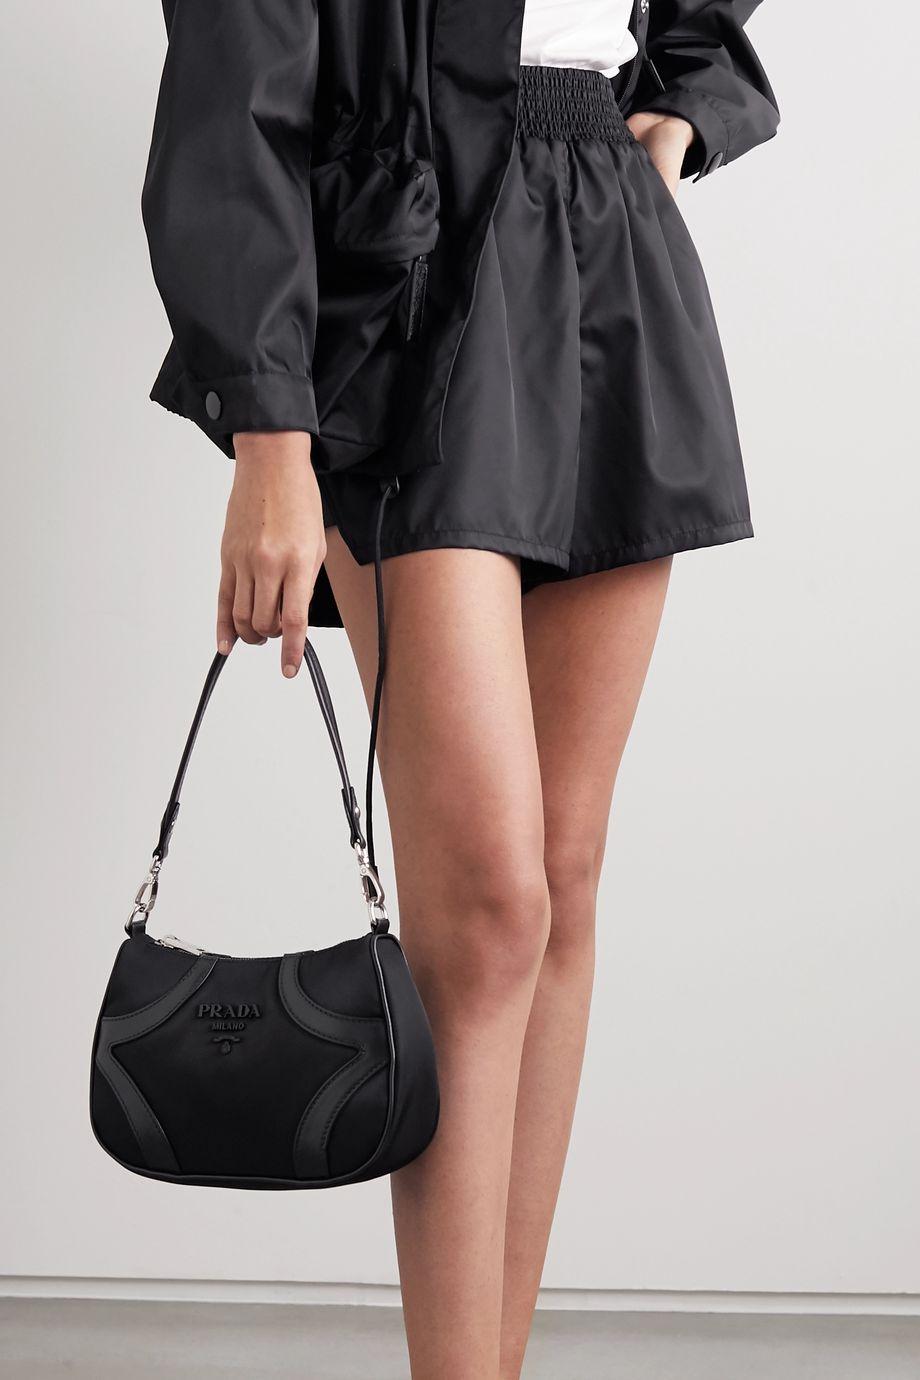 Prada Leather-trimmed nylon shoulder bag